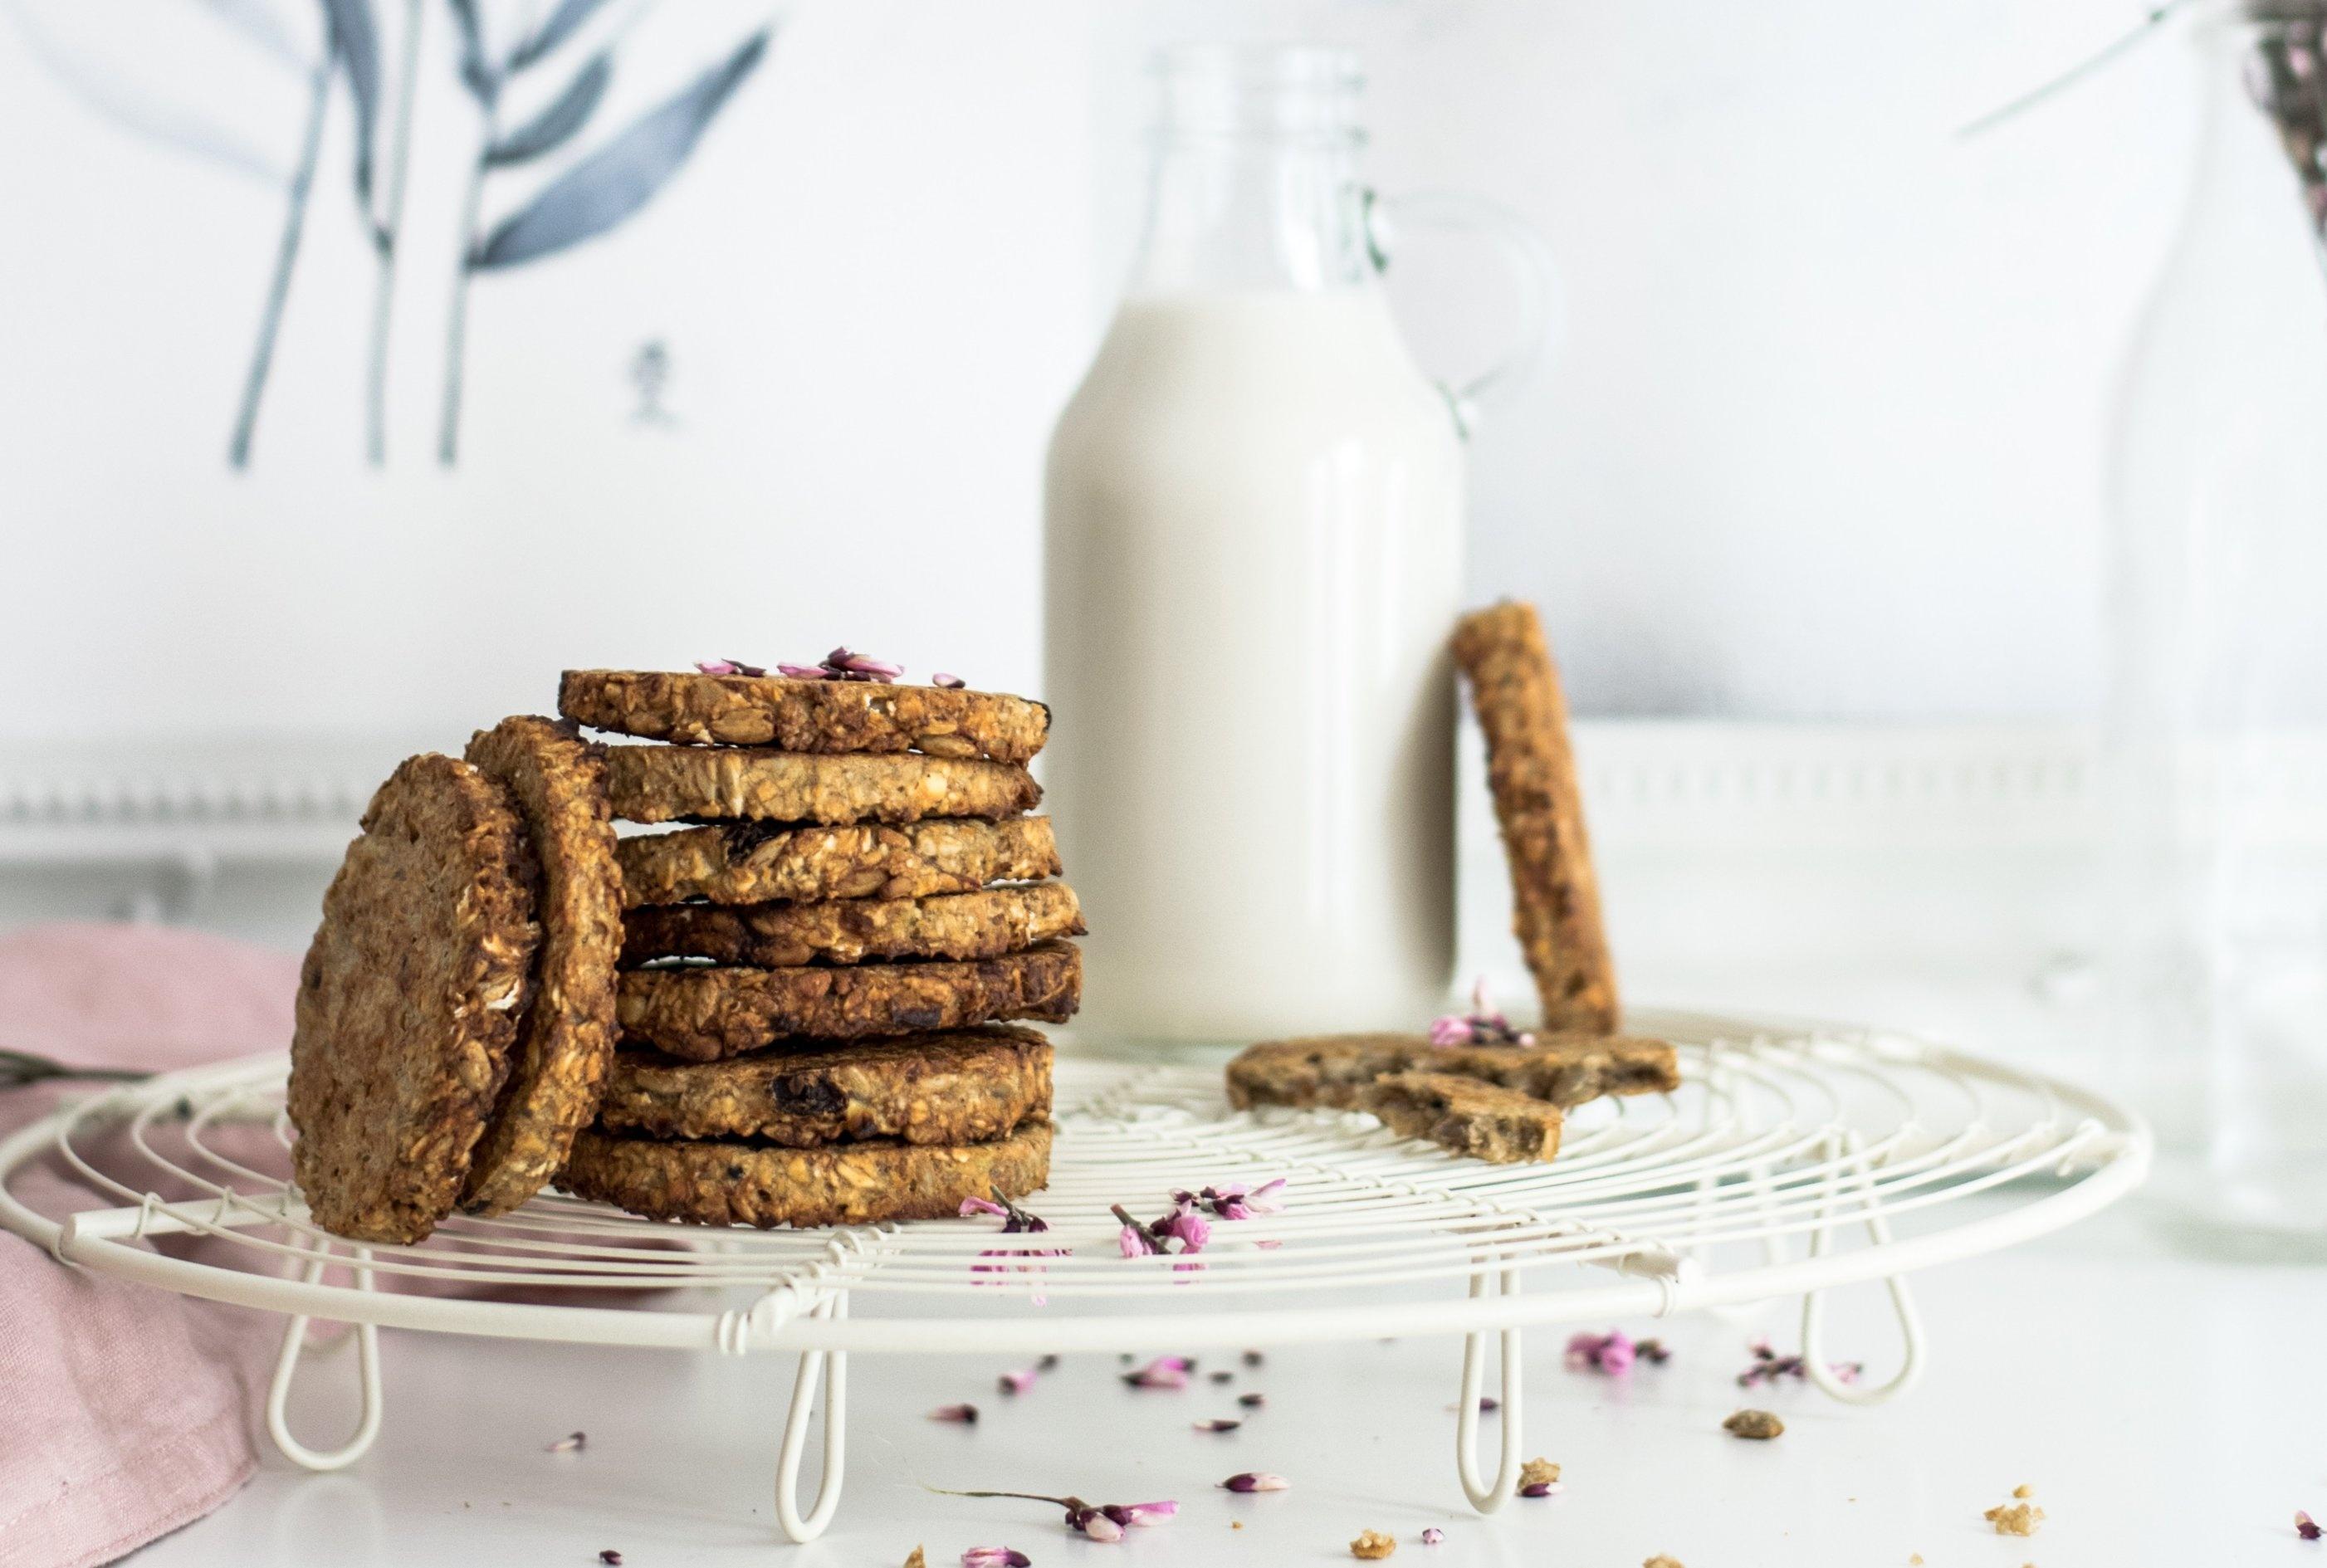 Healthy Weihnachtsbäckerei - 5 Rezepte Die Ihr kennen solltet